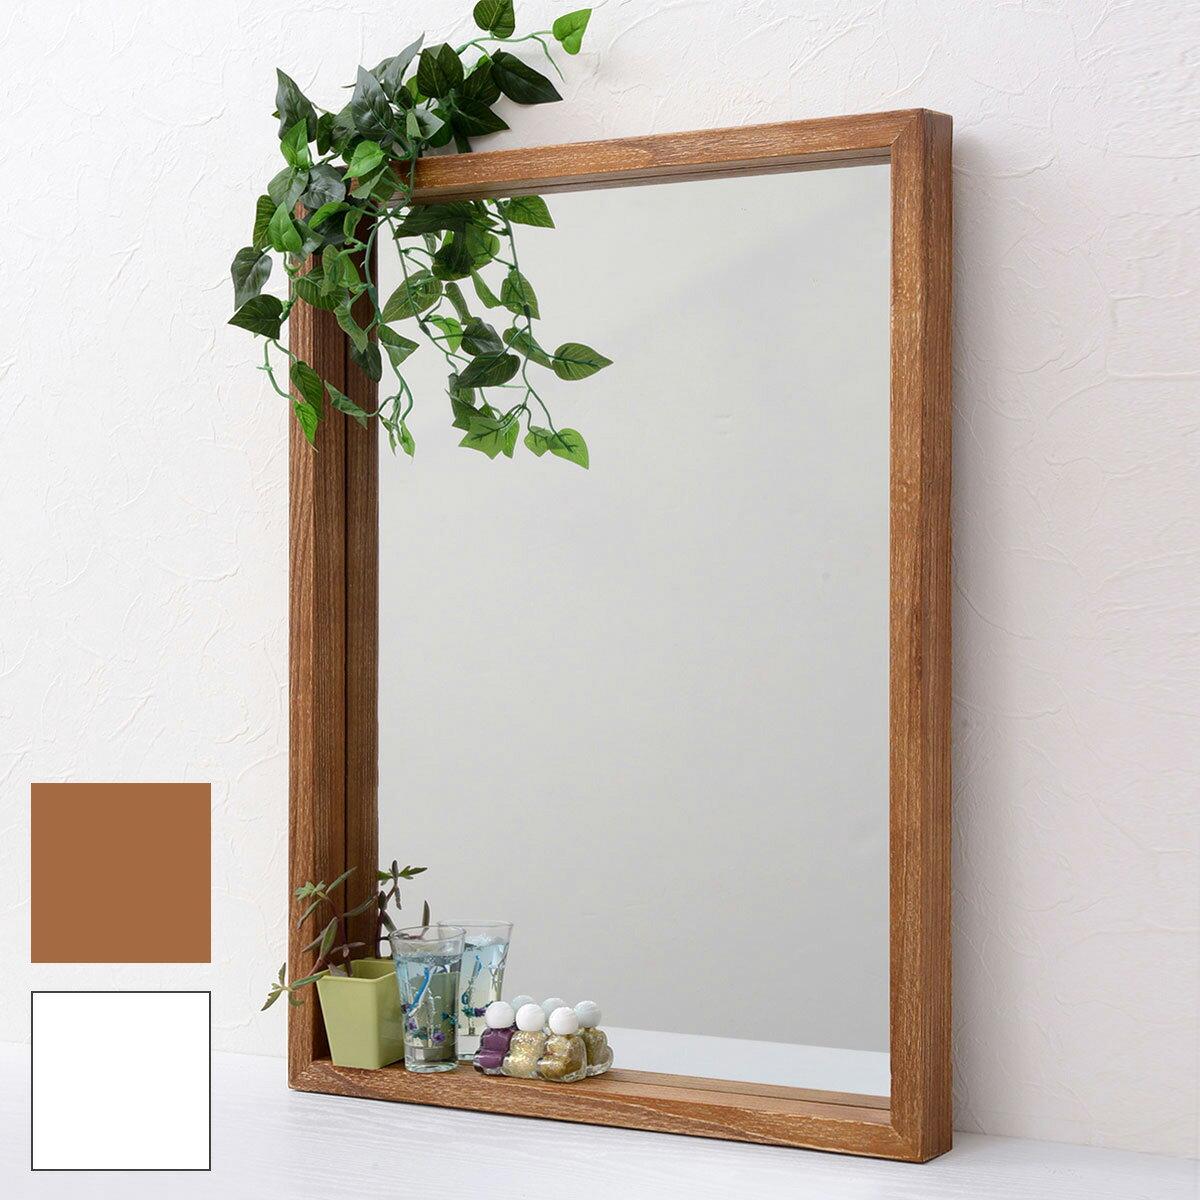 RoomClip商品情報 - 【あす楽】鏡 ミラー アンティーク ボックスミラー ANTE アンテ 天然木 北欧 シンプル おしゃれ ブラウン ホワイト 幅45 長方形